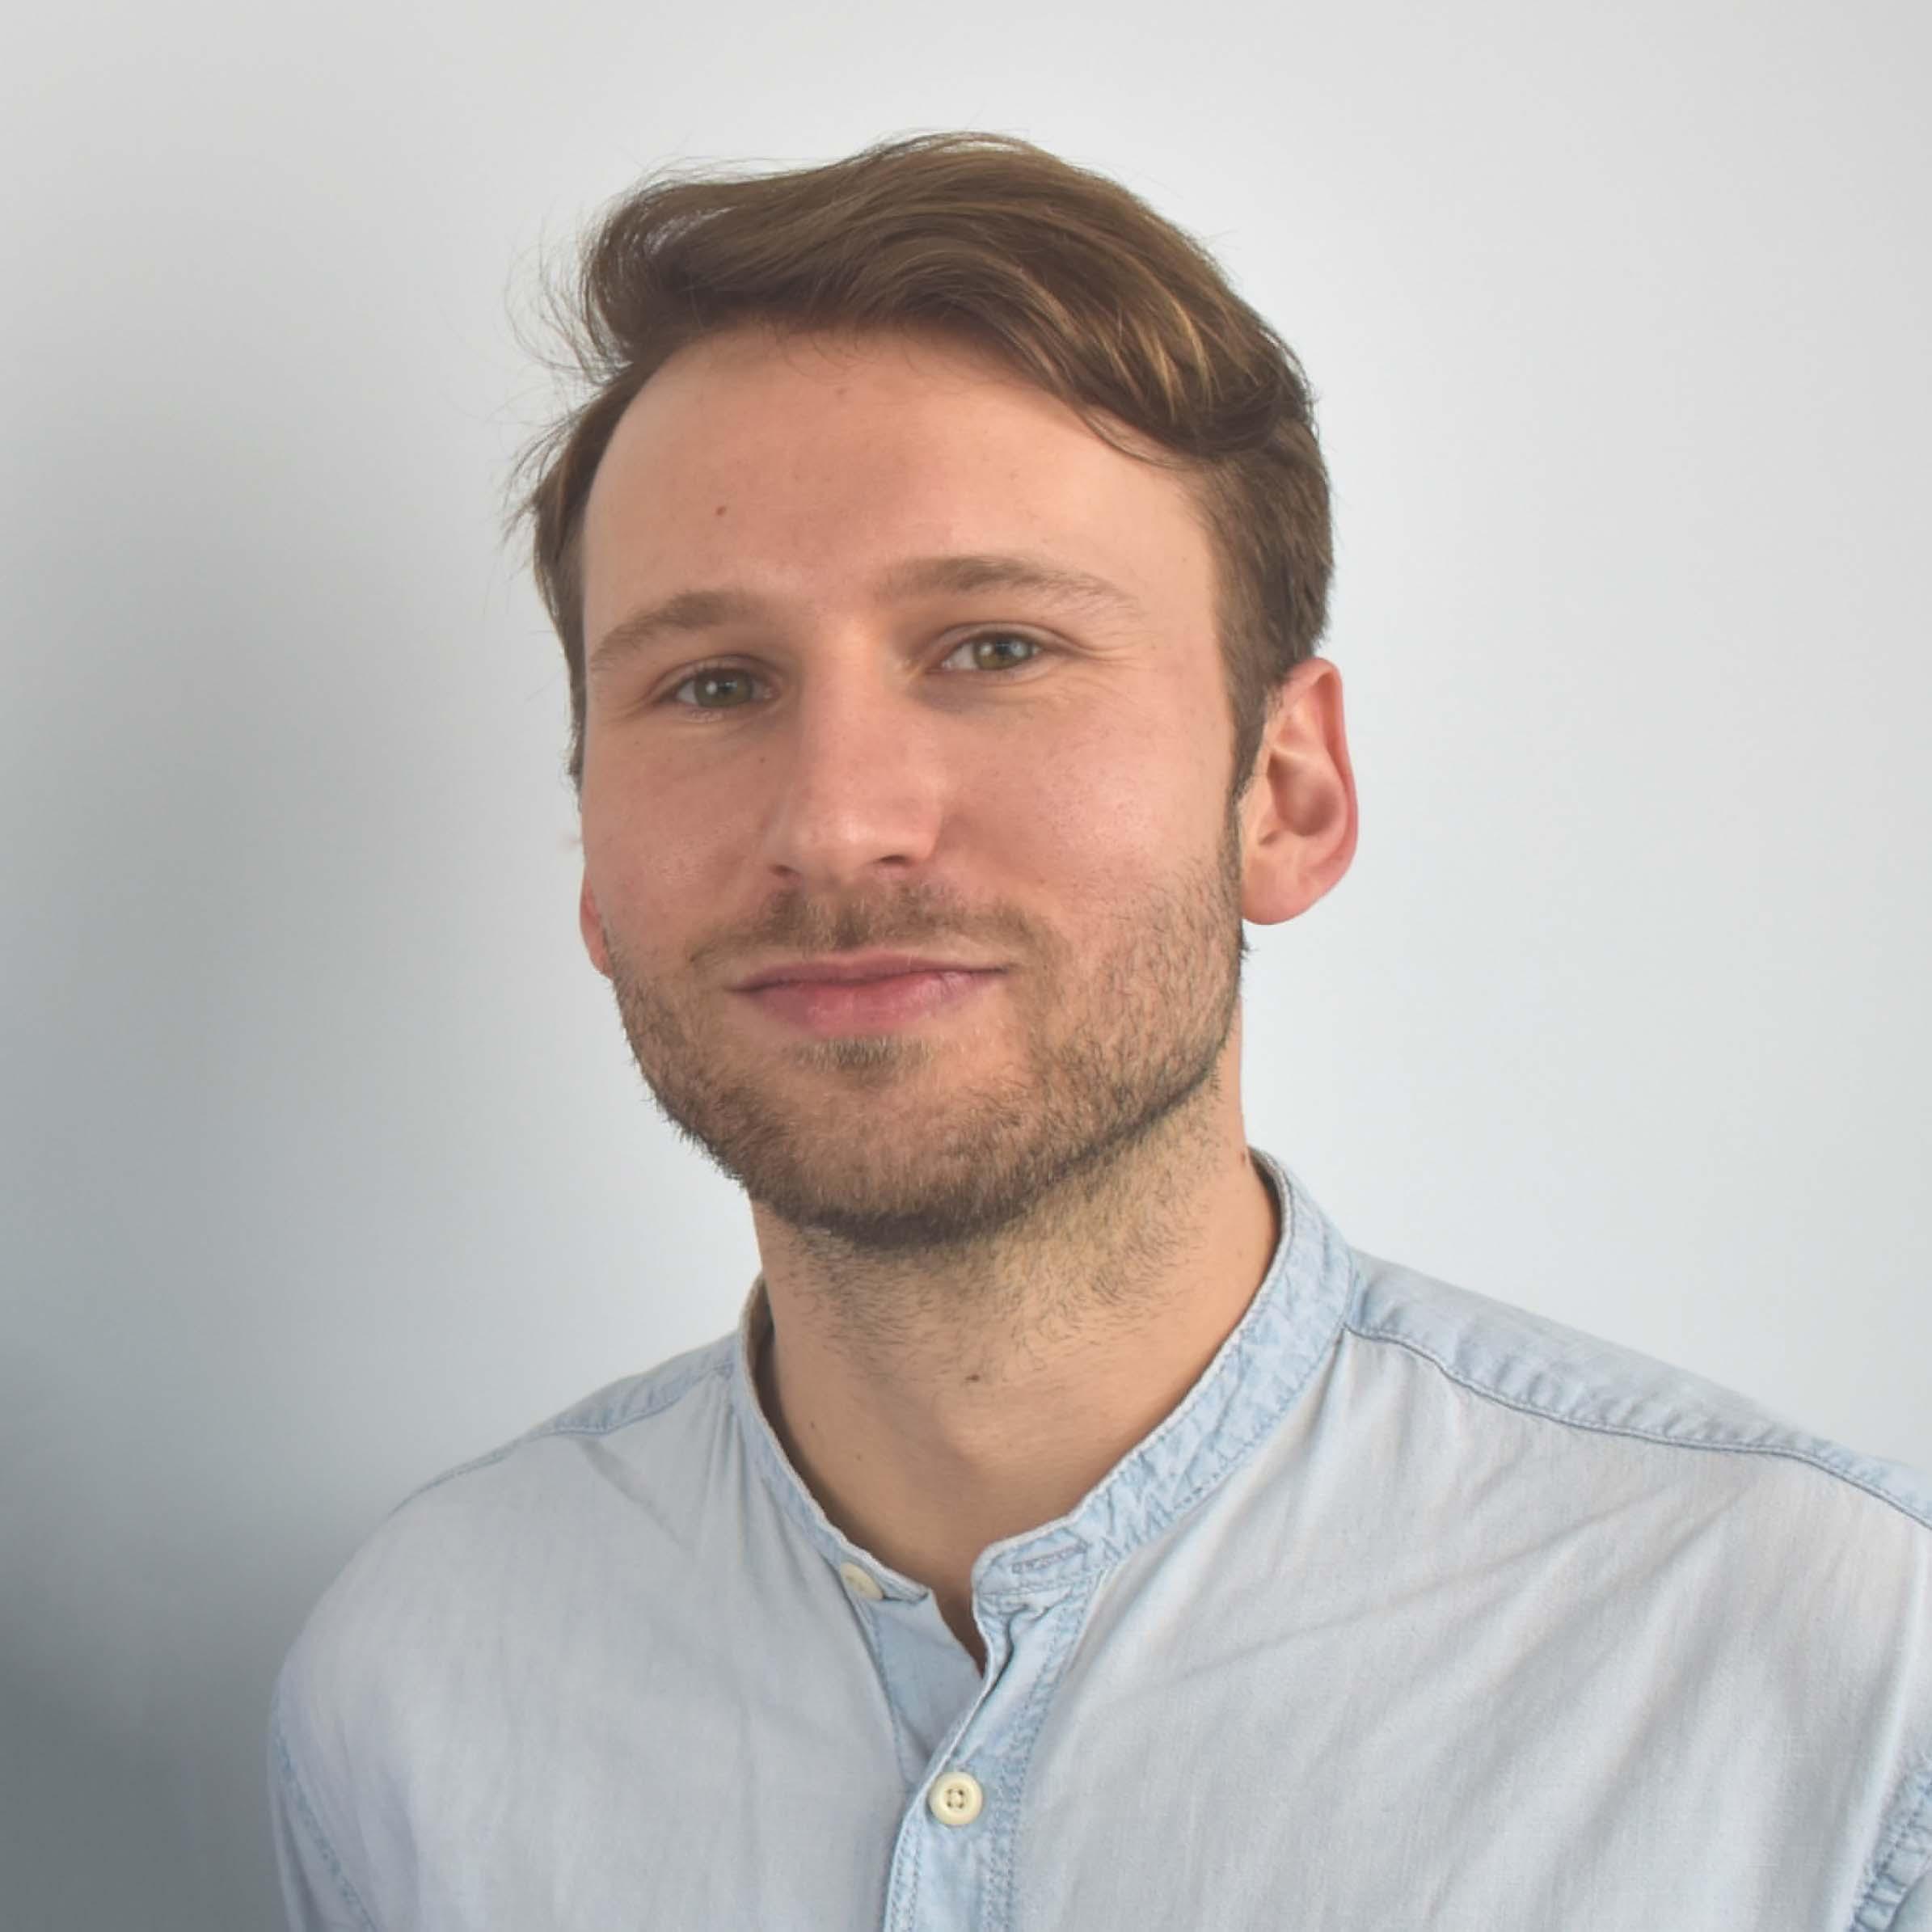 Lennart Hahn